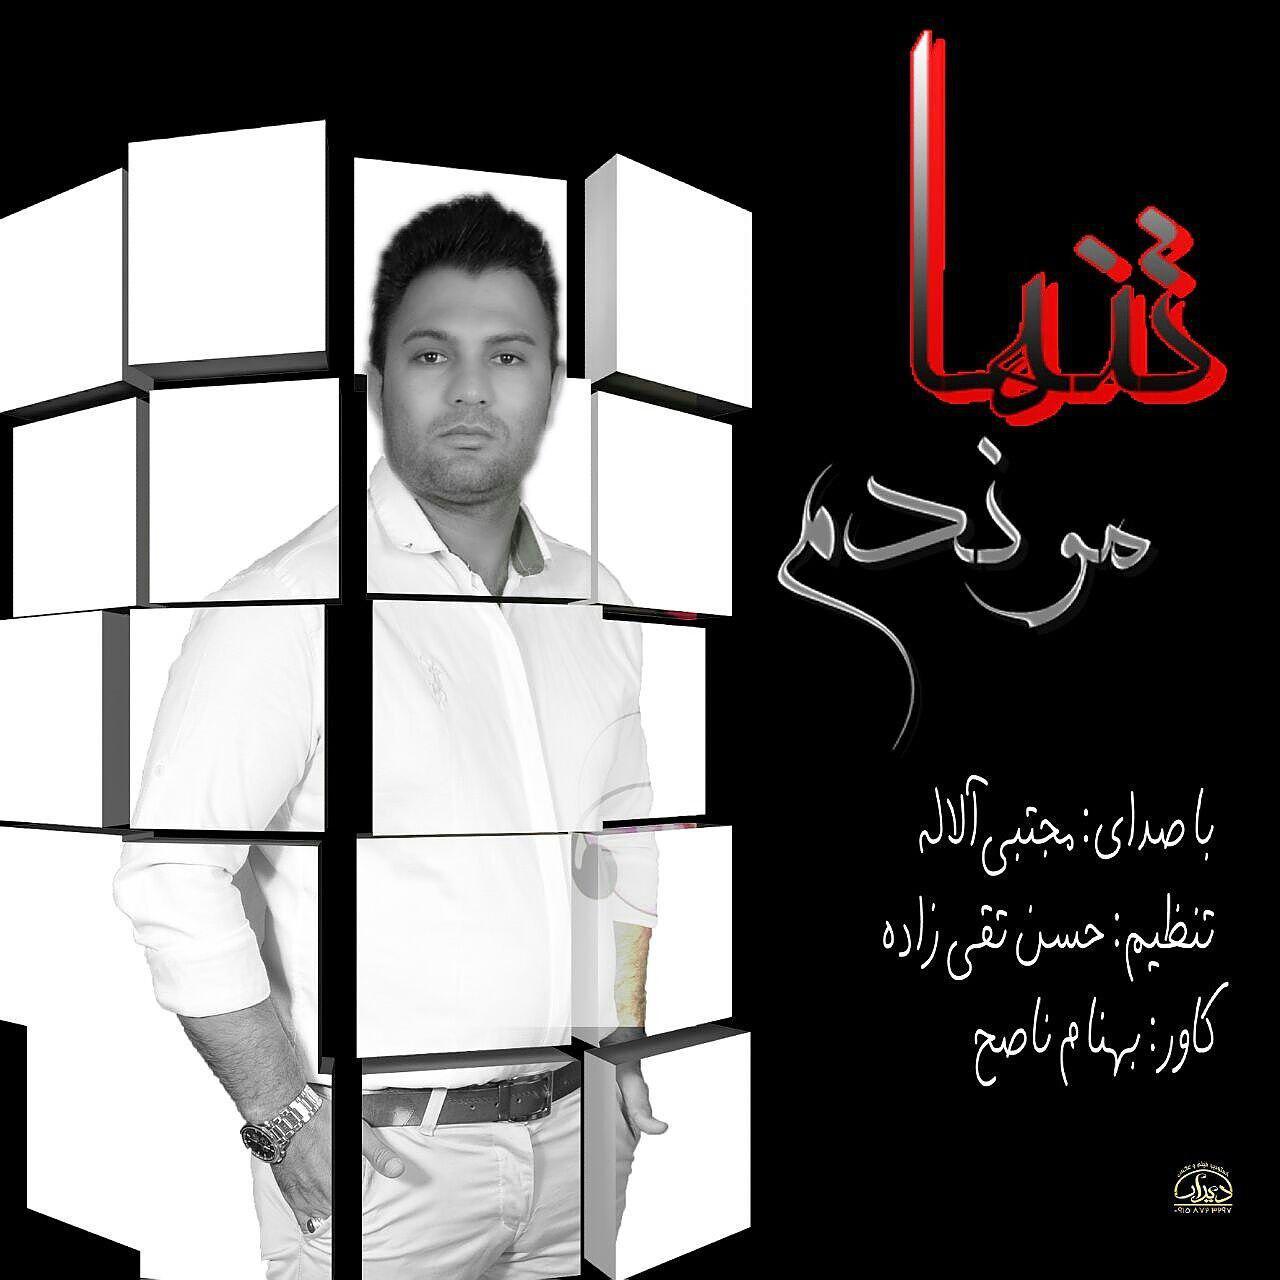 آهنگ جدید از مجتبی الاله به نام تنها موندم (فارسی)